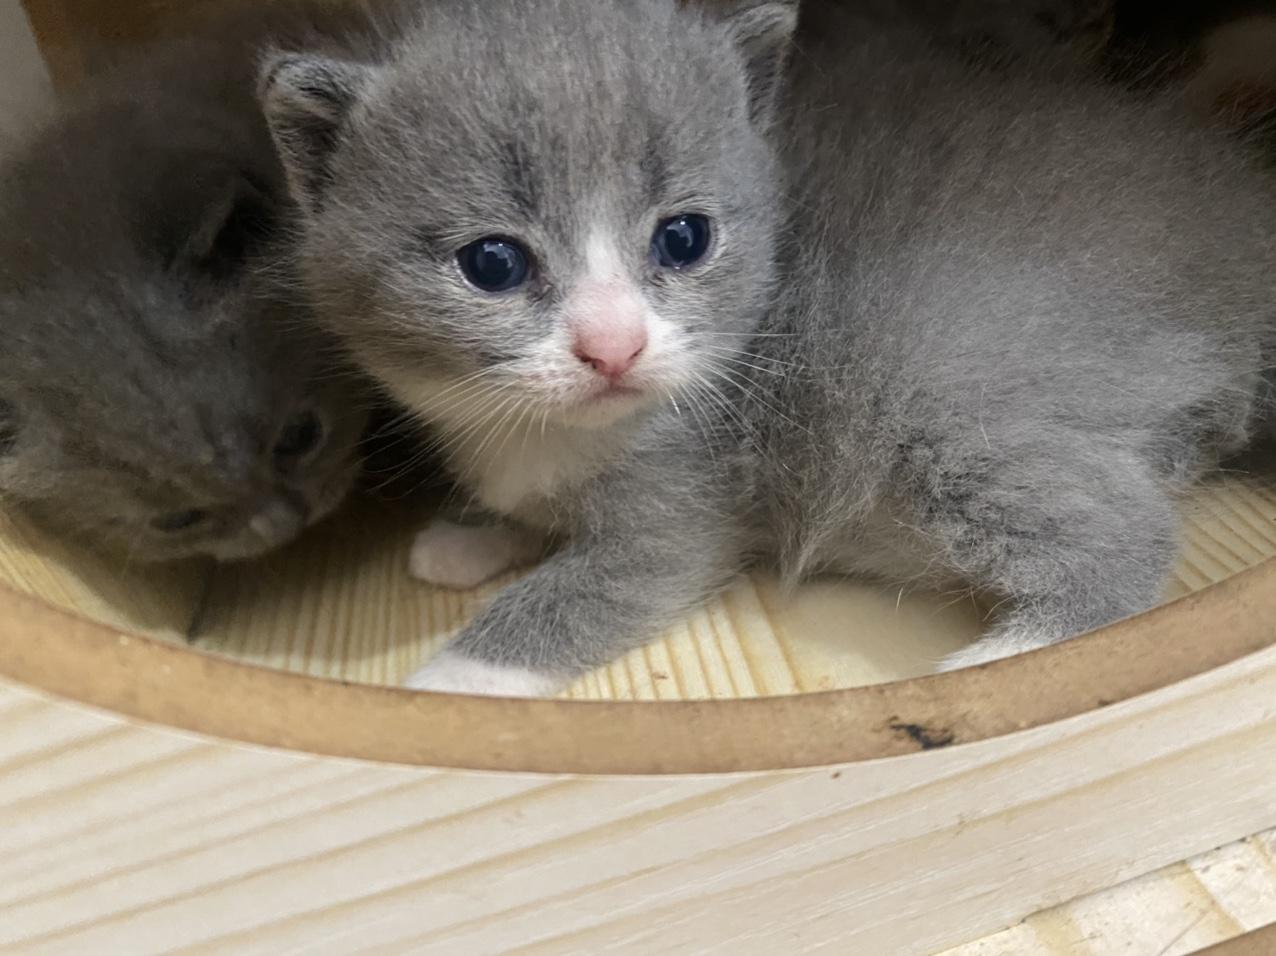 自家猫生的包子脸英短蓝白蓝猫,包纯包健康